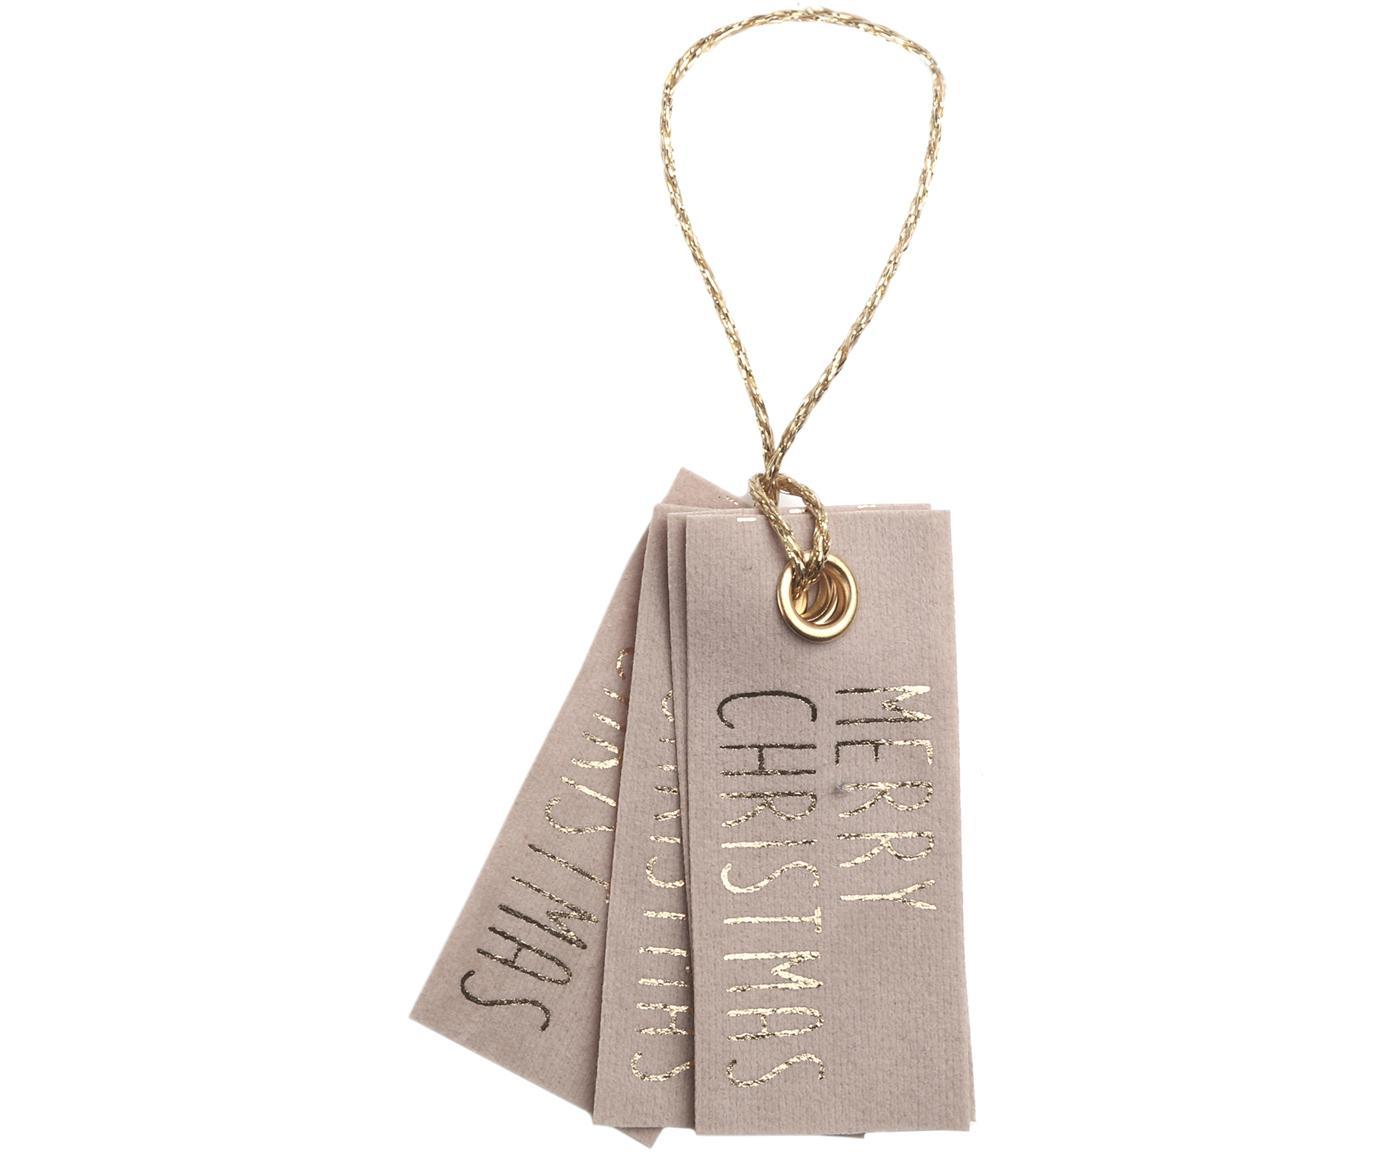 Etiquetas para regalo Vellu, 6uds., 50%poliéster, 40%rayón, 10%adhesivo, Beige, dorado, An 3 x Al 7 cm